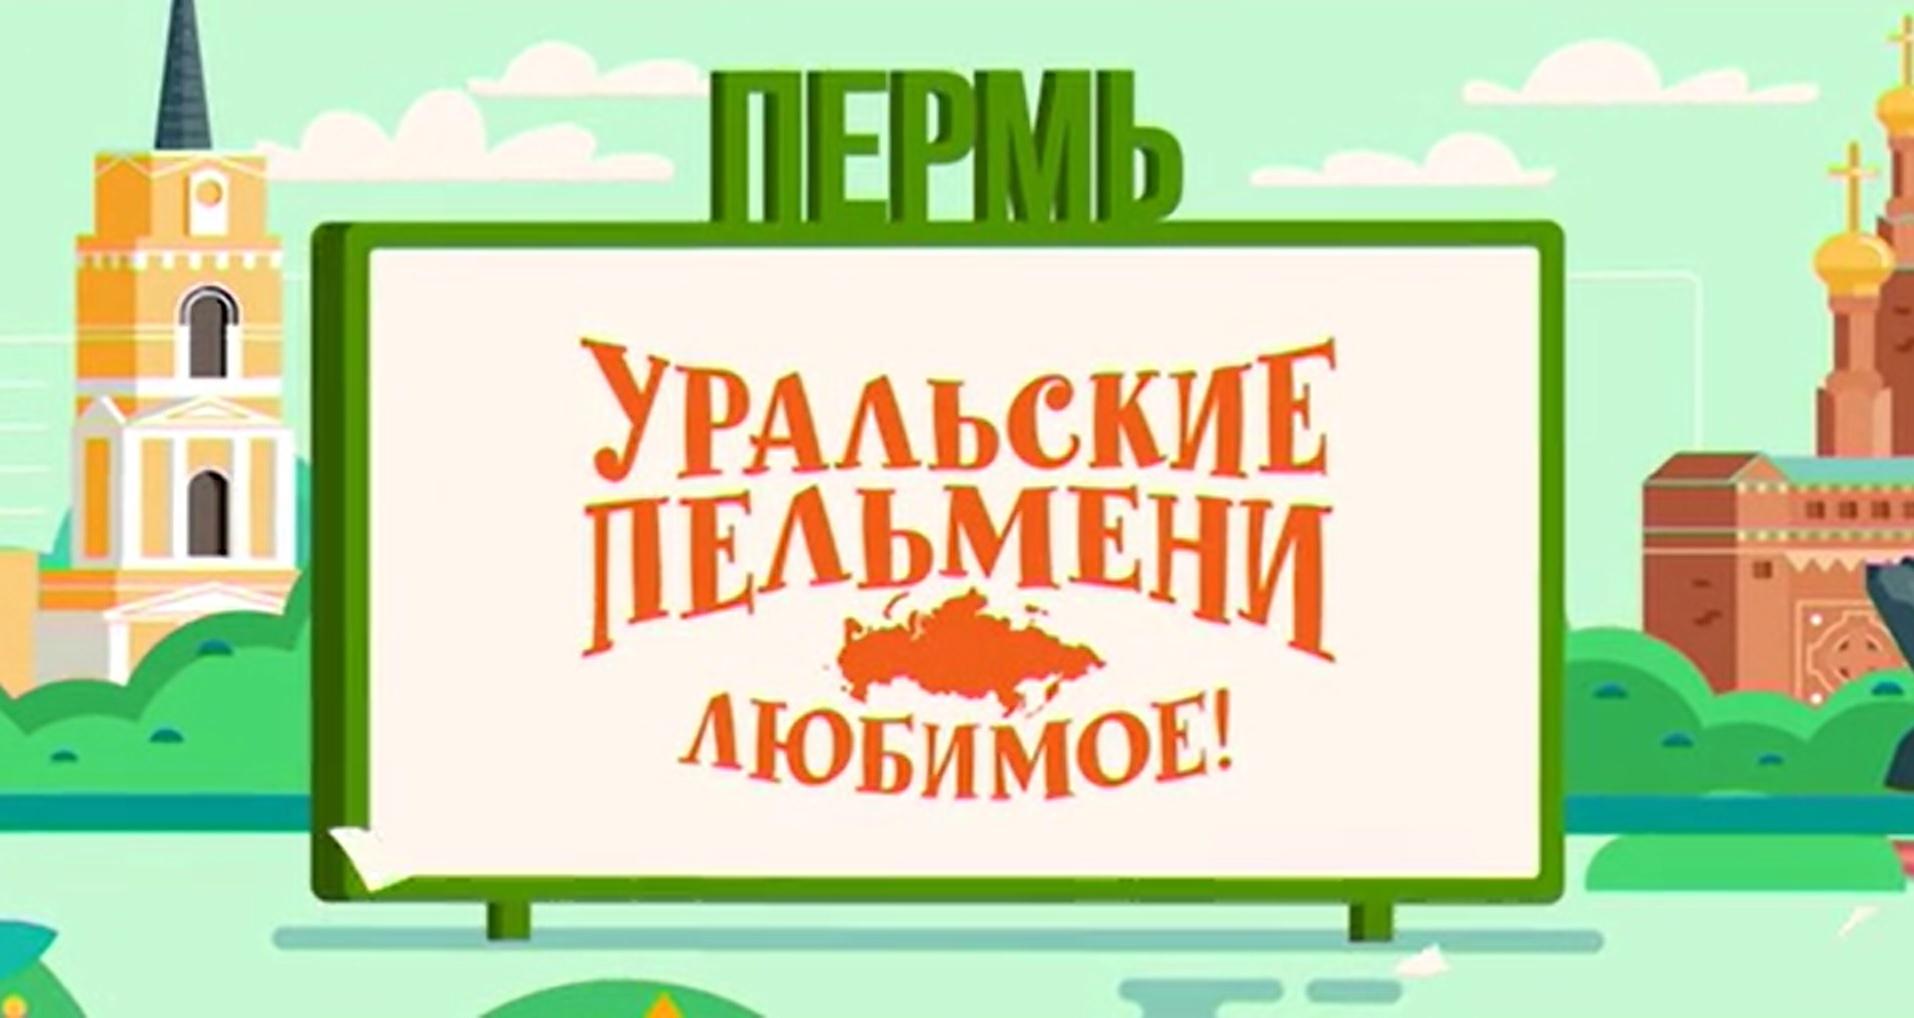 Творческий коллектив Уральские Пельмени Уральские пельмени. Любимое. Пермь для животных пермь